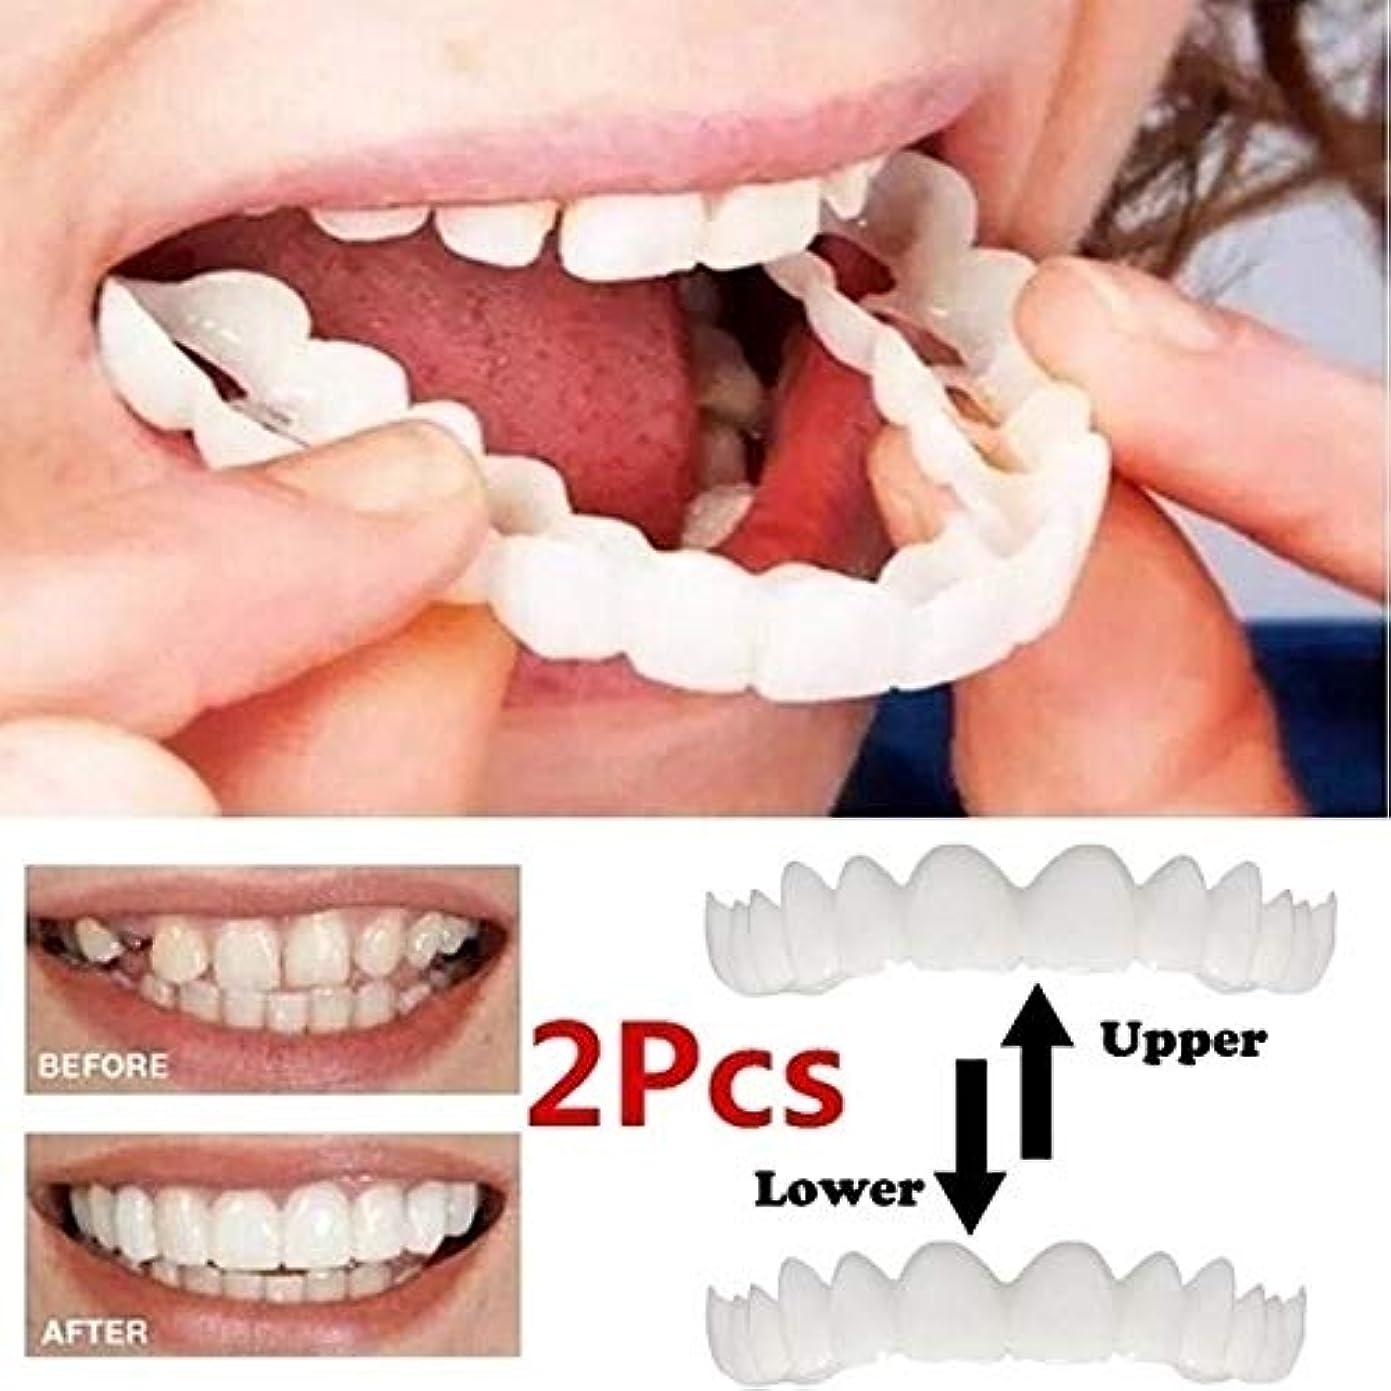 教育学美しい木製一時的な笑顔の快適さフィット化粧品の歯義歯のベニヤ歯の快適さフィットフレックス化粧品の歯の上の歯のベニヤと下のベニヤ - 歯のベニヤ